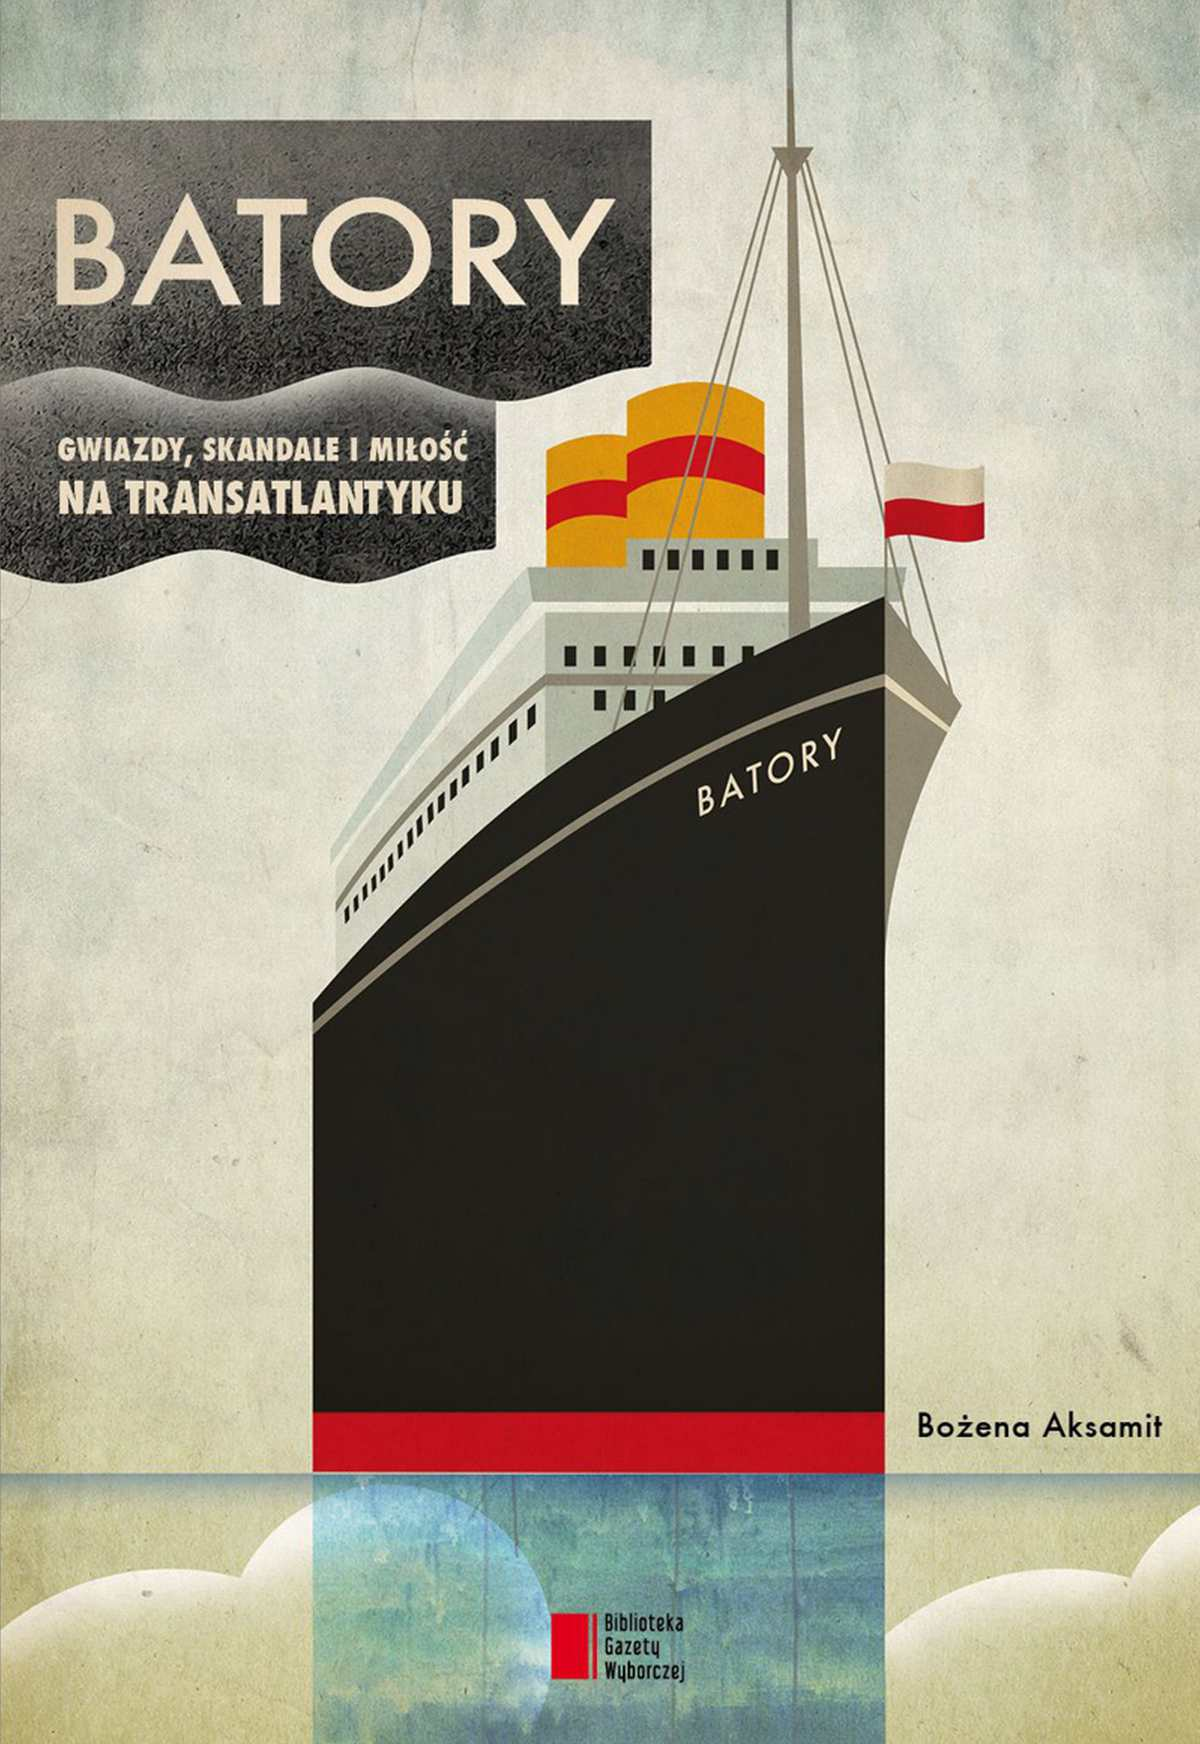 Batory. Gwiazdy, skandale i miłość na transatlantyku - Ebook (Książka EPUB) do pobrania w formacie EPUB